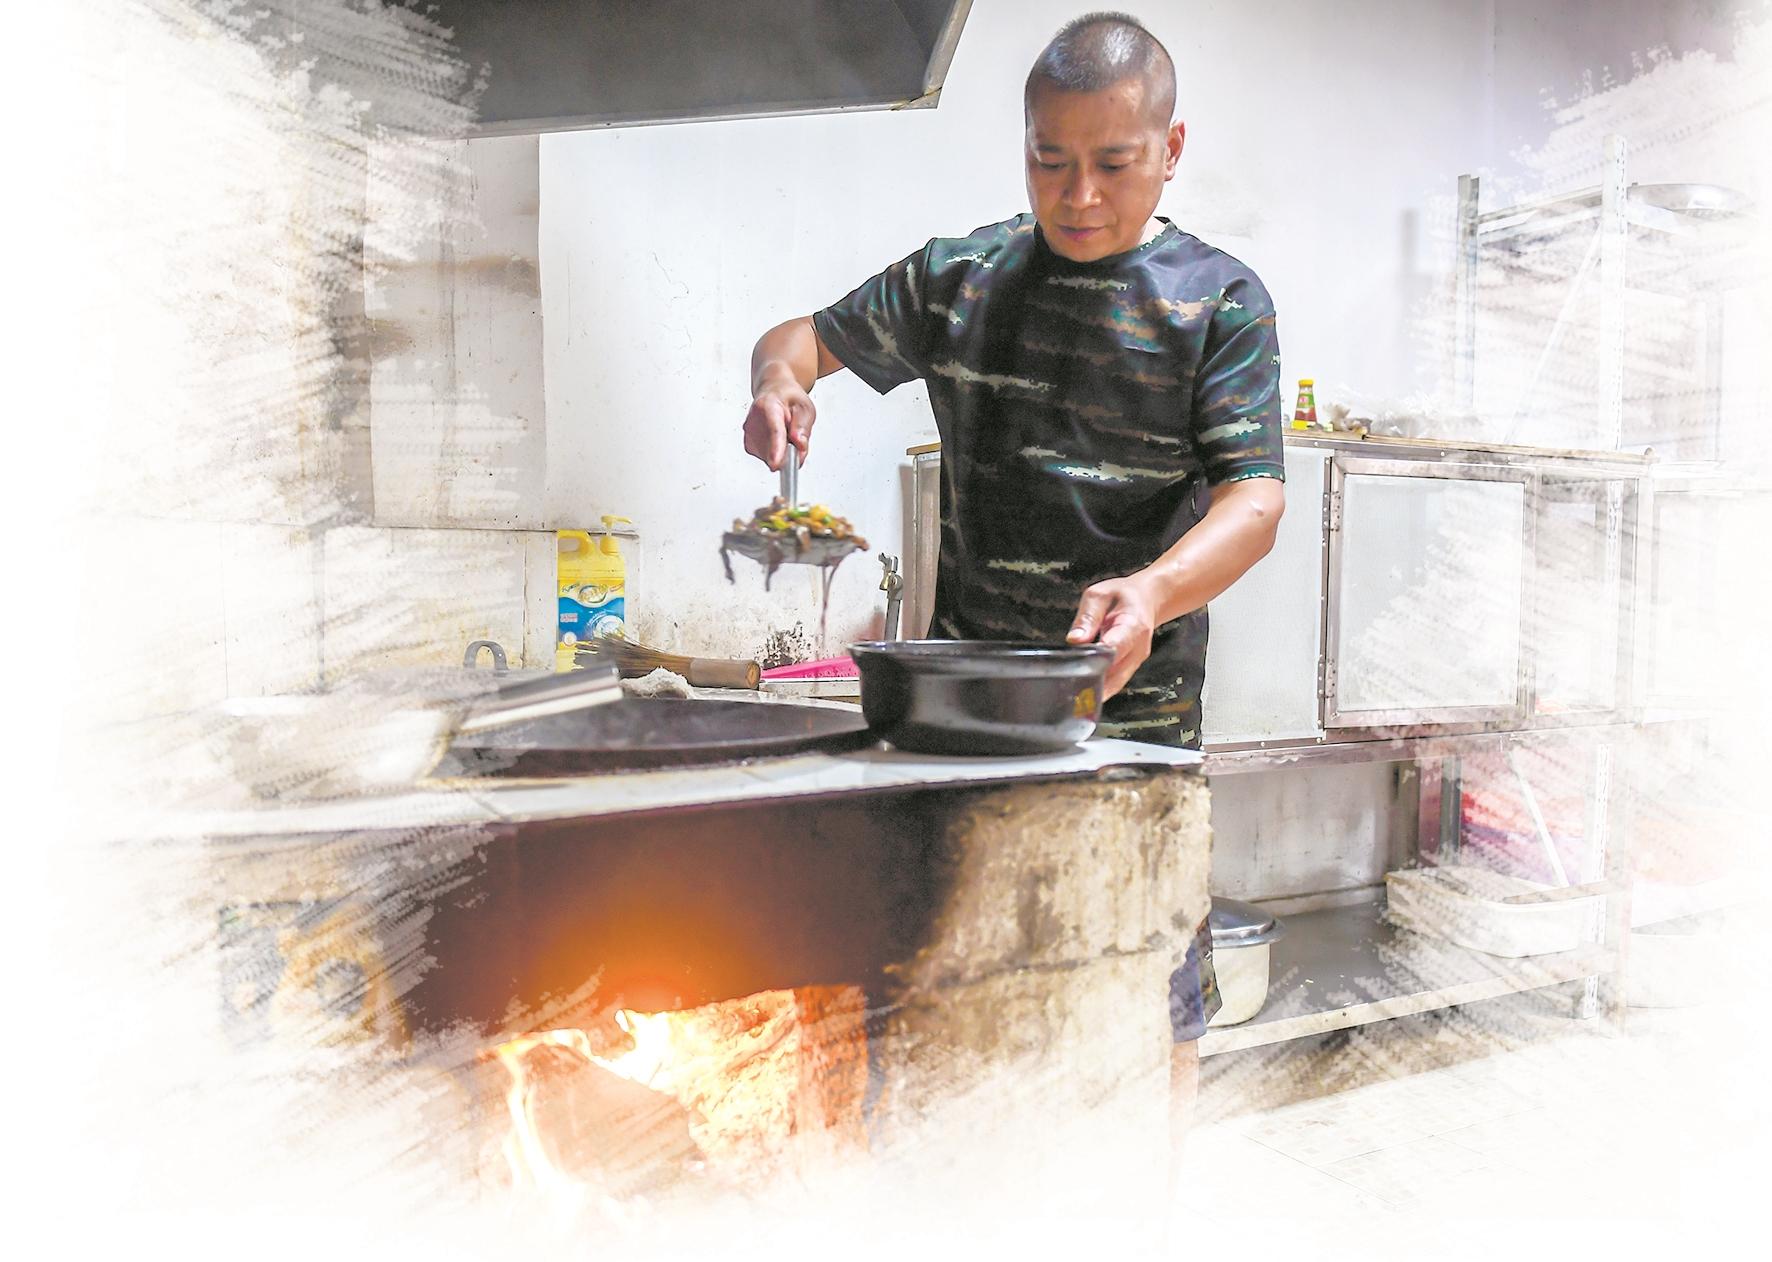 私厨教练背上的汗水结成盐霜